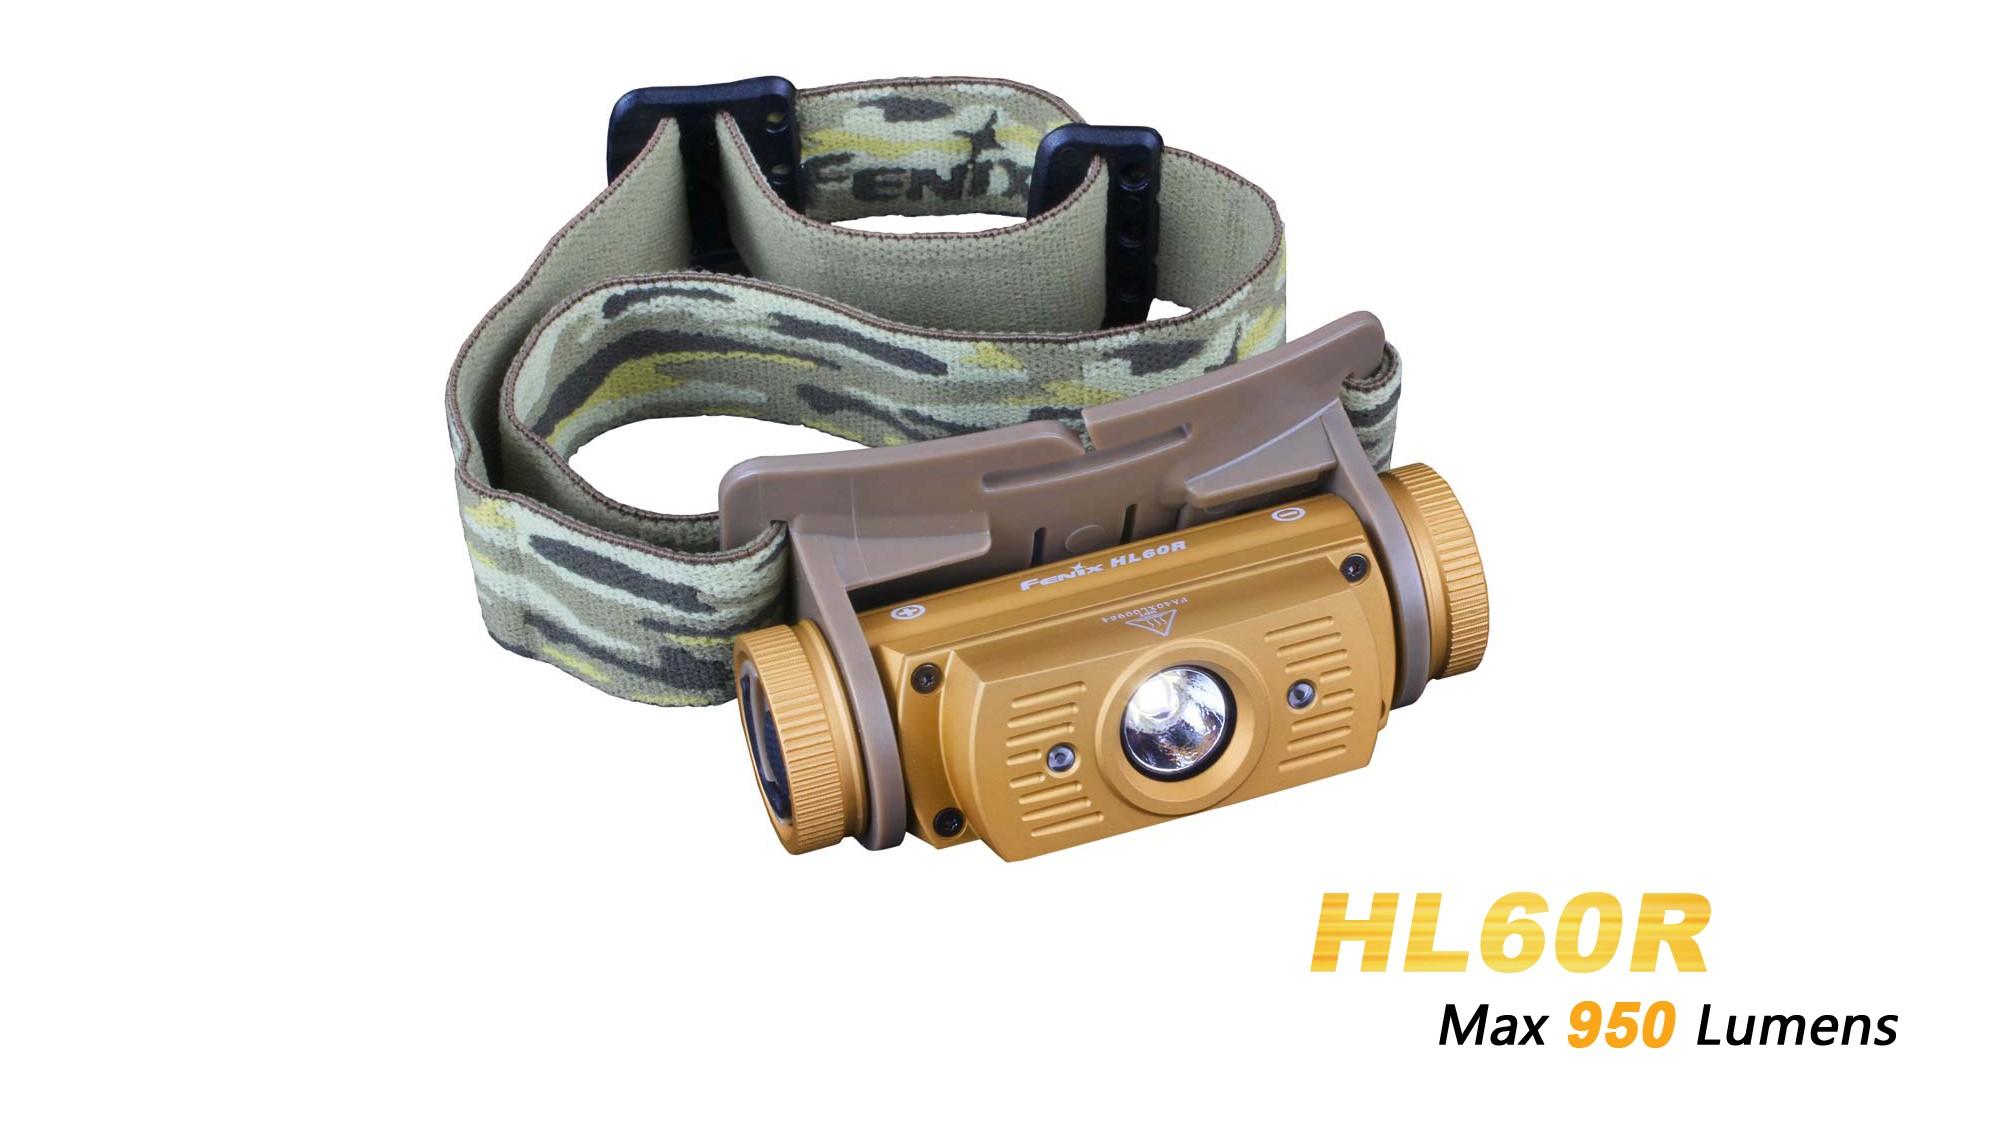 Fenix HL60R Désert - 950 Lumens - lampe Frontale rechargeable USB avec pile